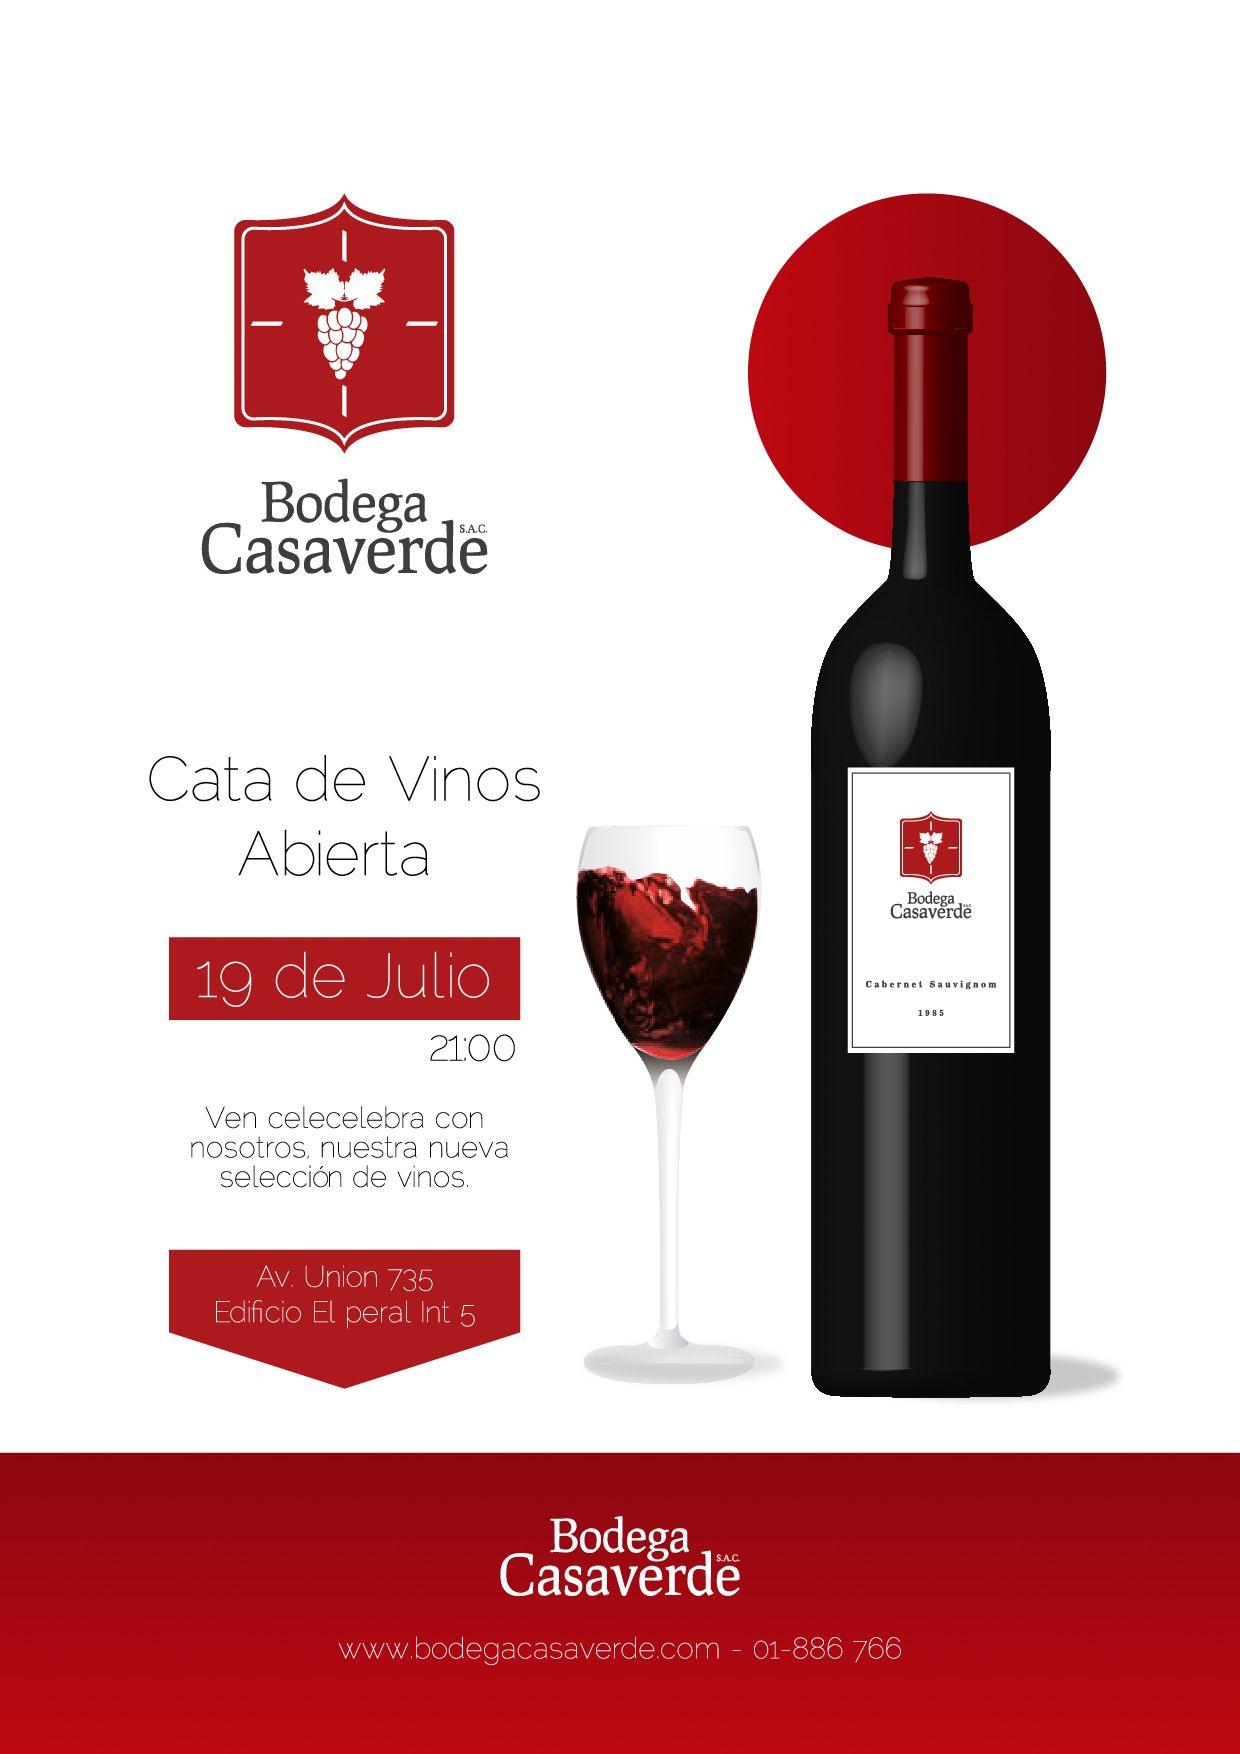 Download Práctica illustrator afiche cata de vinos #edgarcornejo # ...